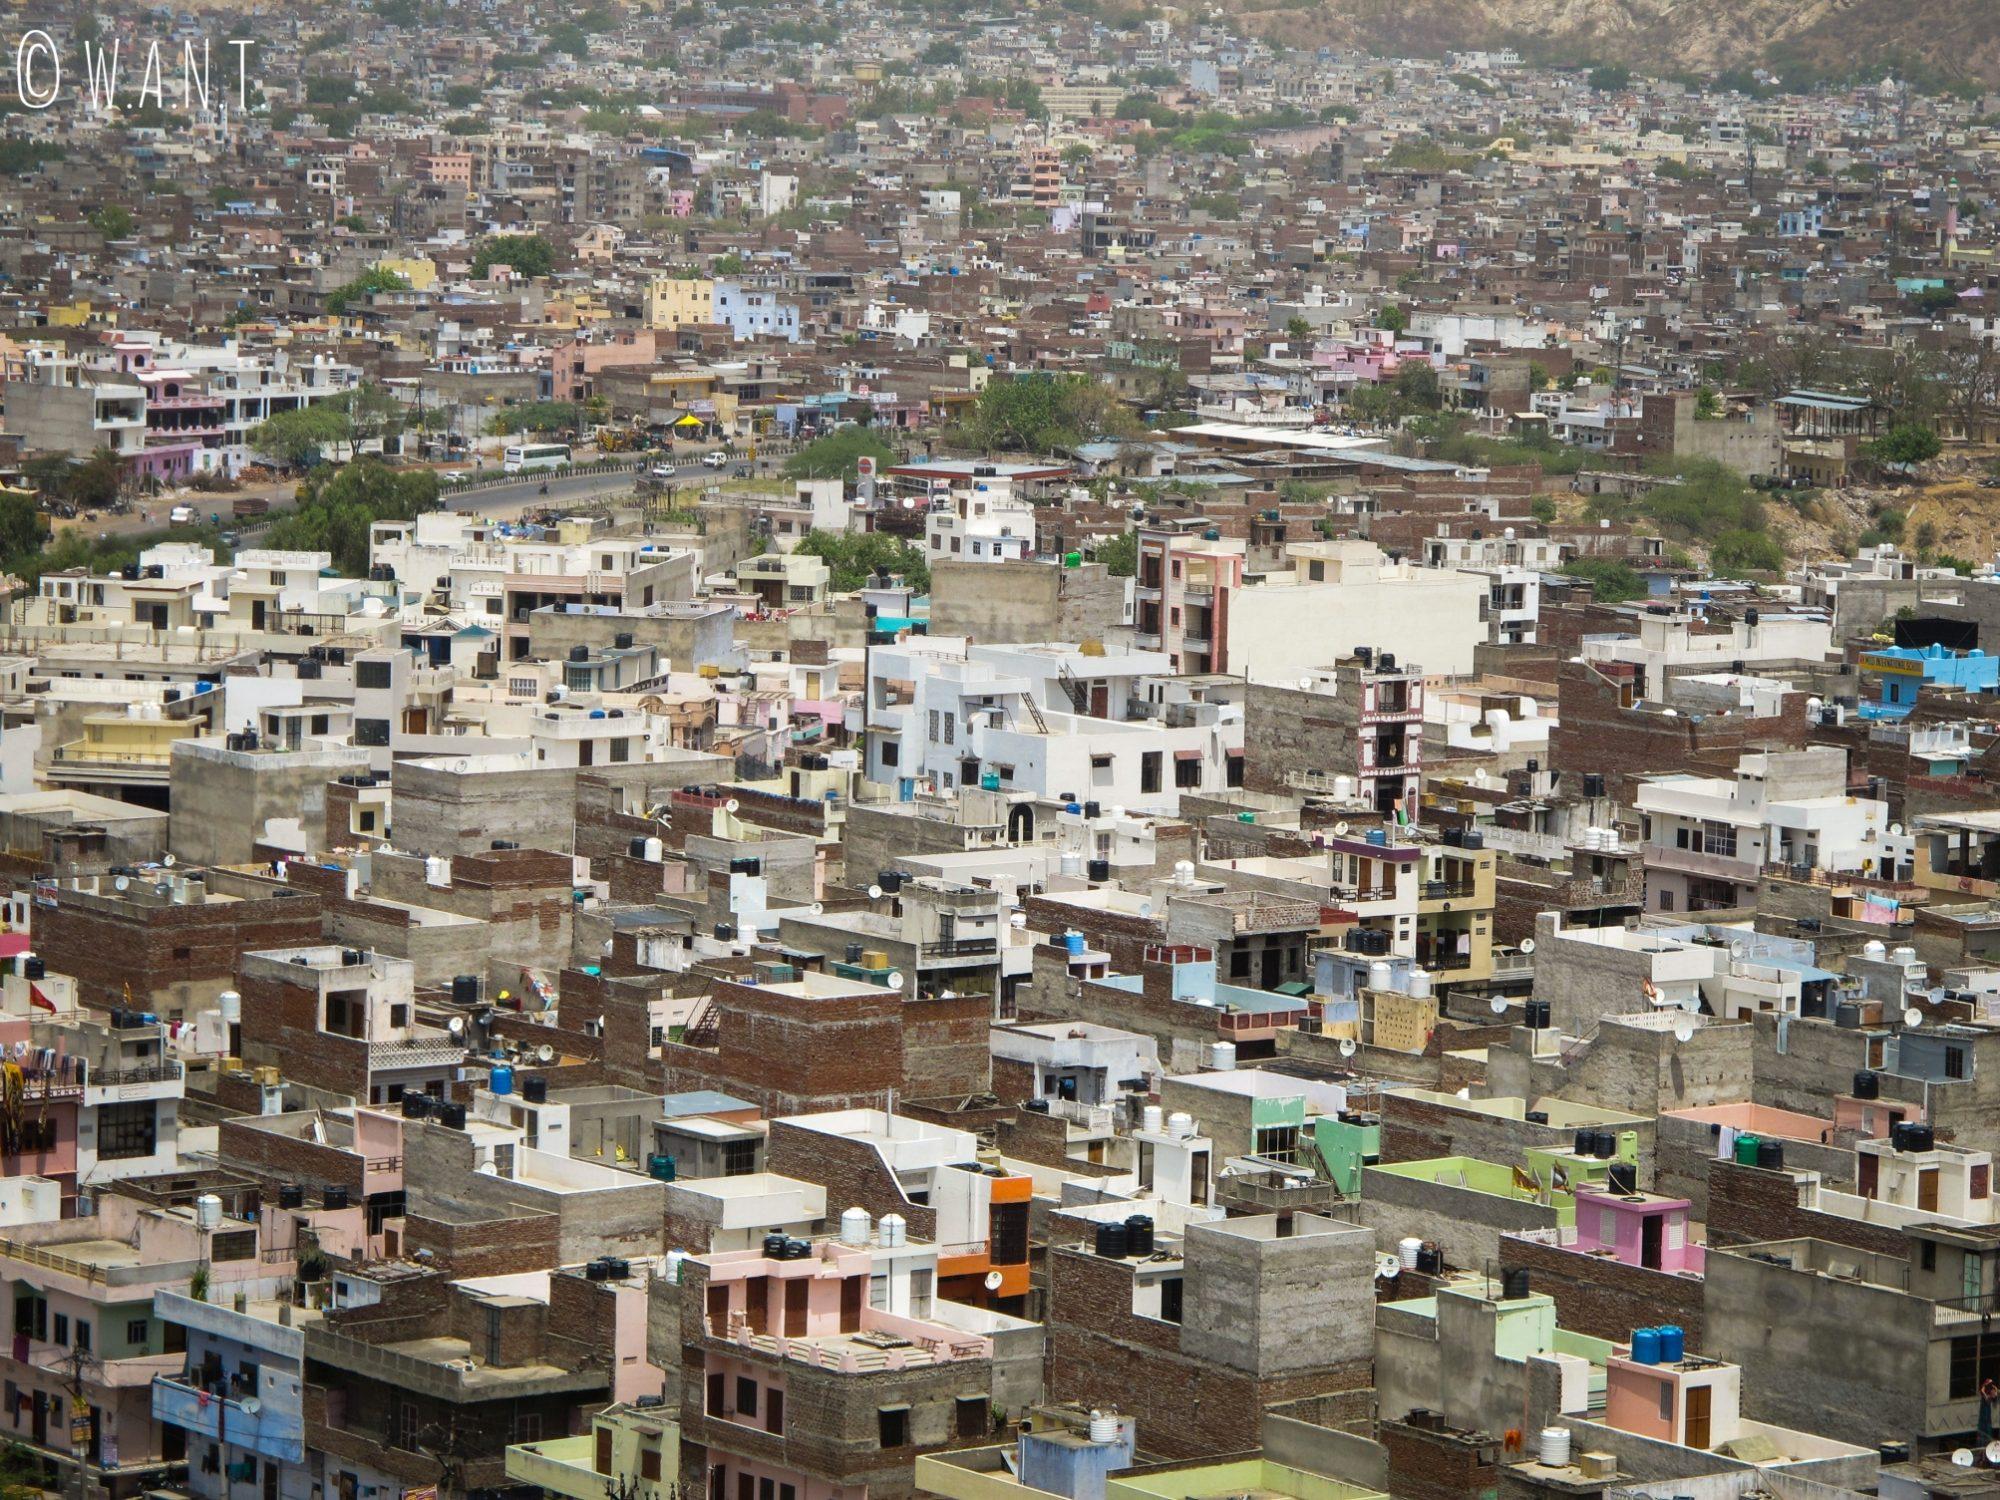 Vue sur la ville de Jaipur depuis l'accès avant au Monkey temple